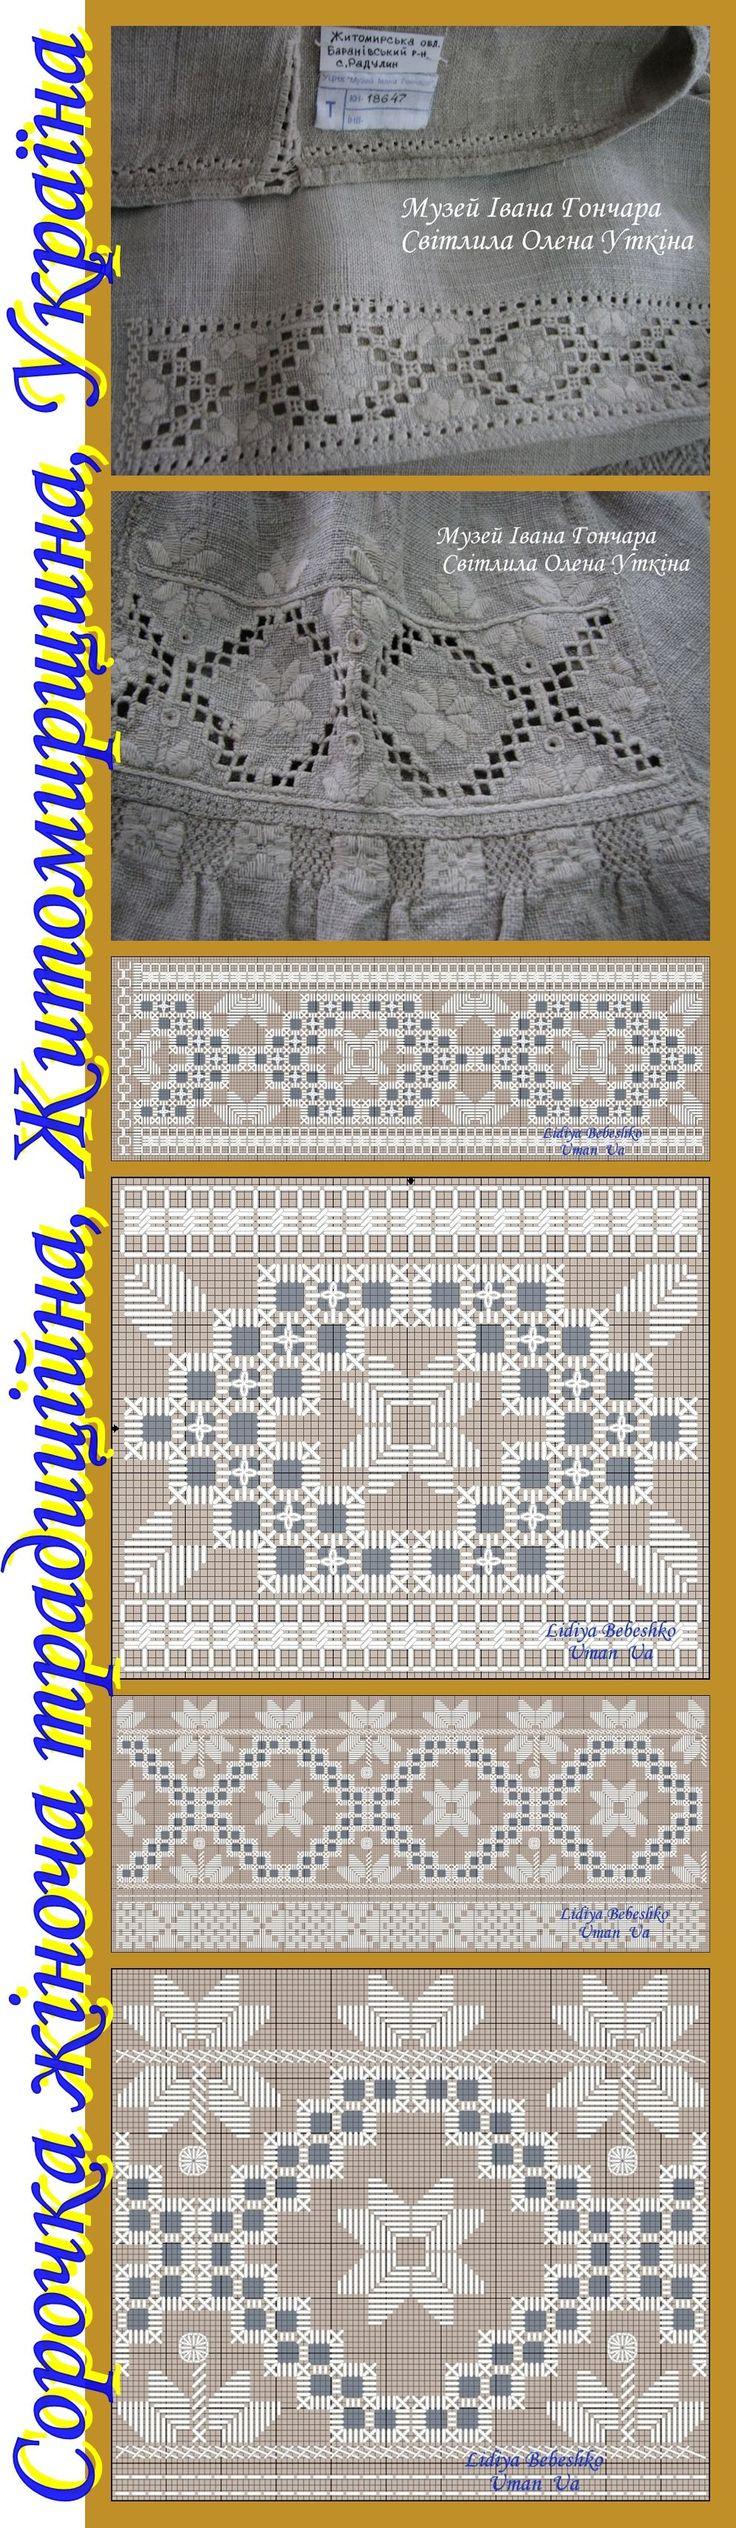 779e441afdefa0a594f9fc5fd7fb4560.jpg 995×3.418 pixels